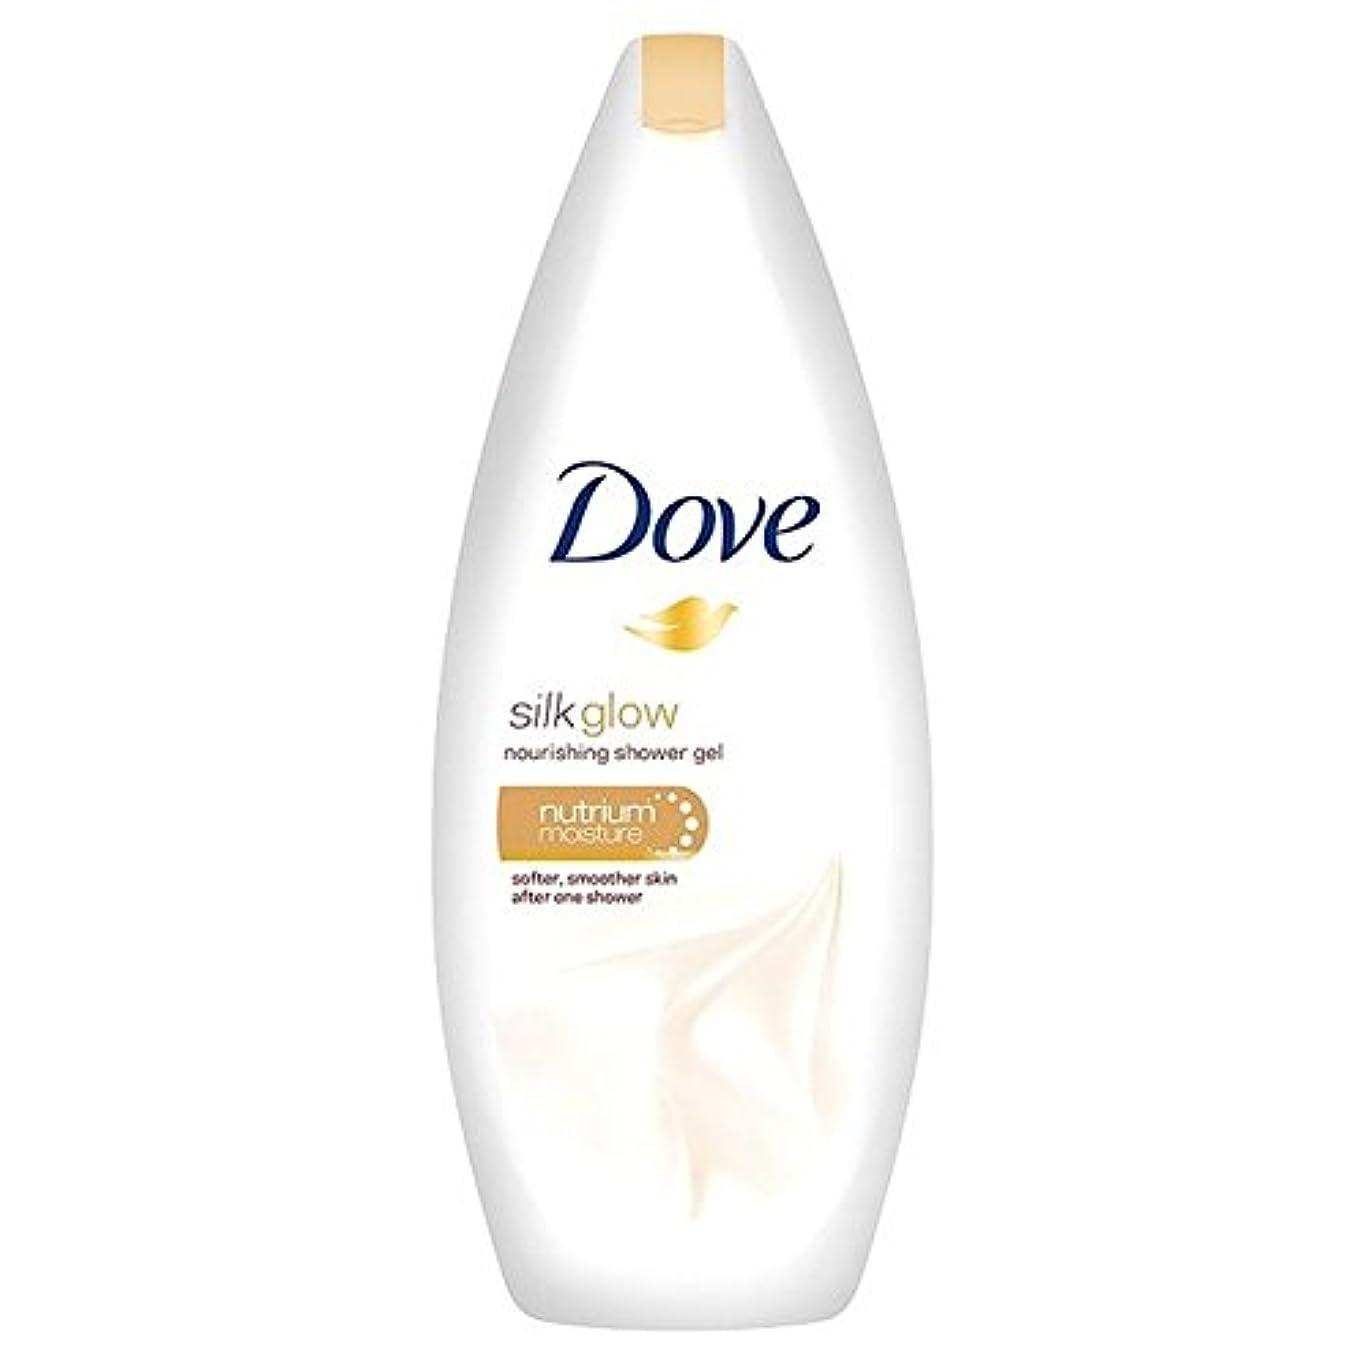 近代化圧倒する必要としているDove Silk Glow Nourishing Body Wash 250ml - 鳩のシルクは、栄養ボディウォッシュ250ミリリットルグロー [並行輸入品]